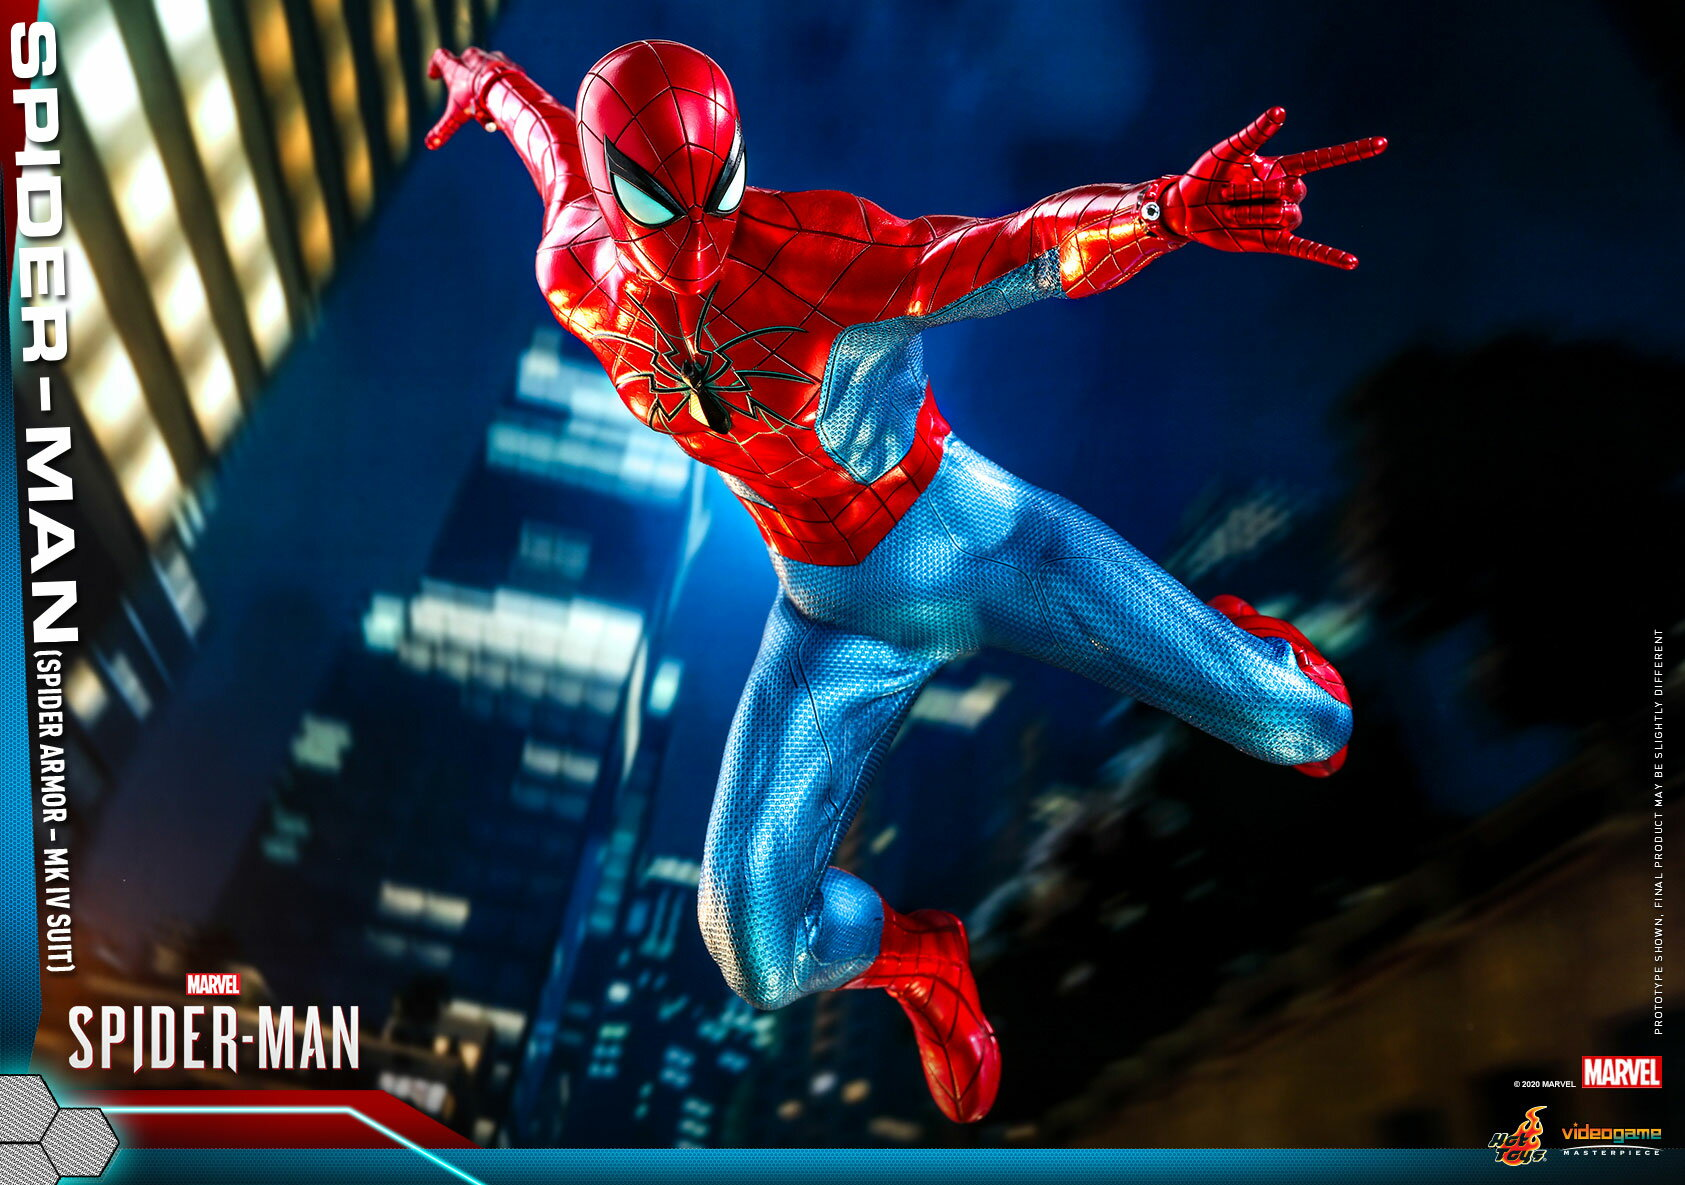 コレクション, フィギュア Hottoys VGM43 Marvels SpiderMan MK IV 16 Marvels Spider-Man - Spider-Man (Spider Armor - MK IV Suit Version)